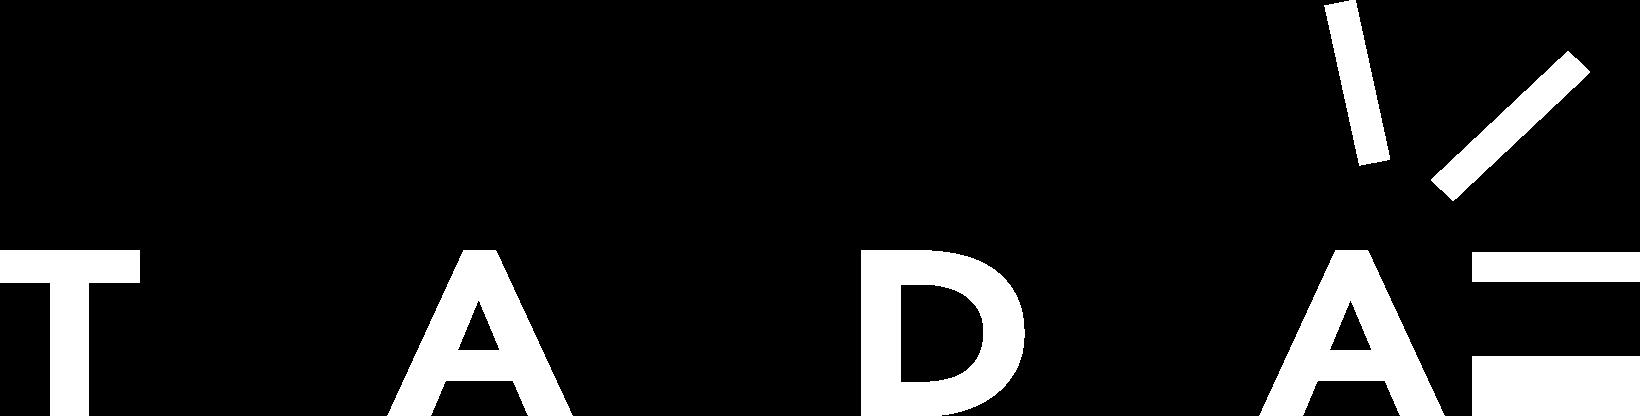 TADA_Logo-White.png